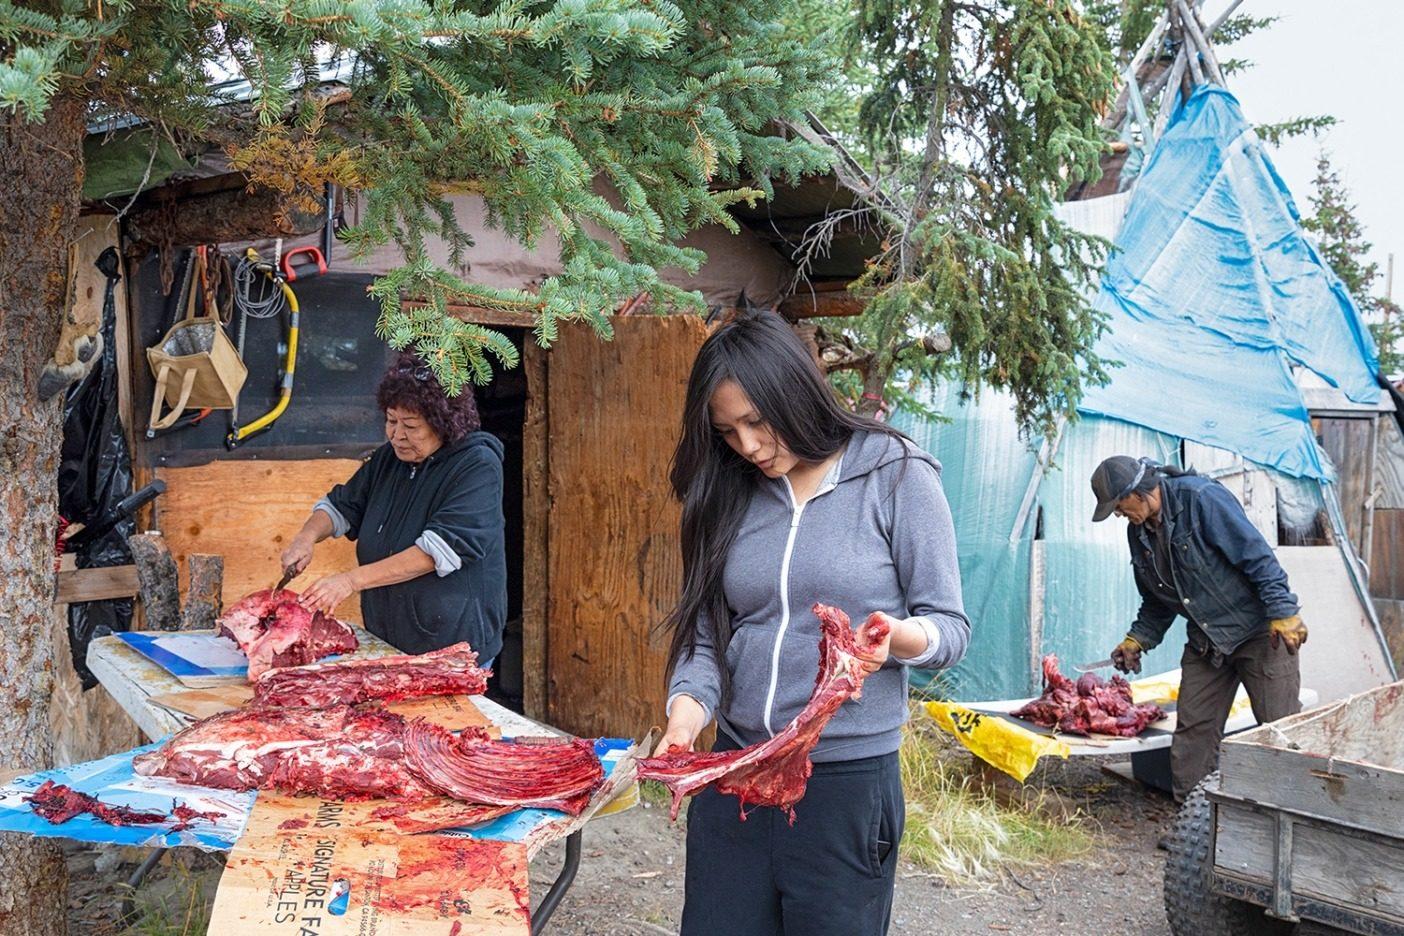 アラスカ州アークティック・ビレッジ(グウィッチン語で「ヴァシュライ・クォー」)の自宅でカリブーの肉を切り分けるギルバート一家と友人たち。保護区を採掘産業に開放すれば、このグウィッチンの伝統は脅かされてしまう。Photo: Keri Oberly